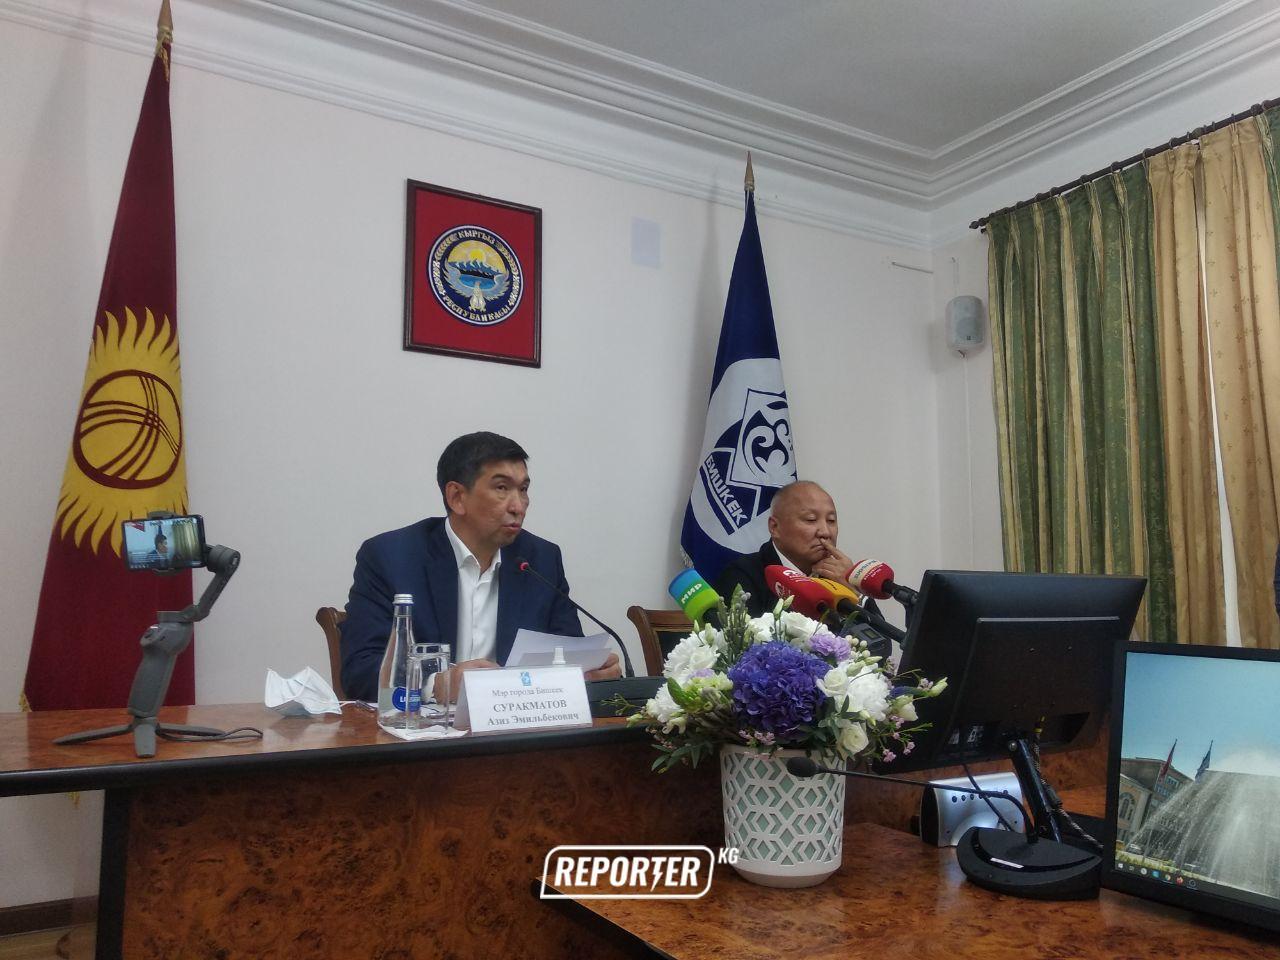 Түз эфир: Бишкек мэри Суракматов отставкасы тууралуу билдирүү жасоодо